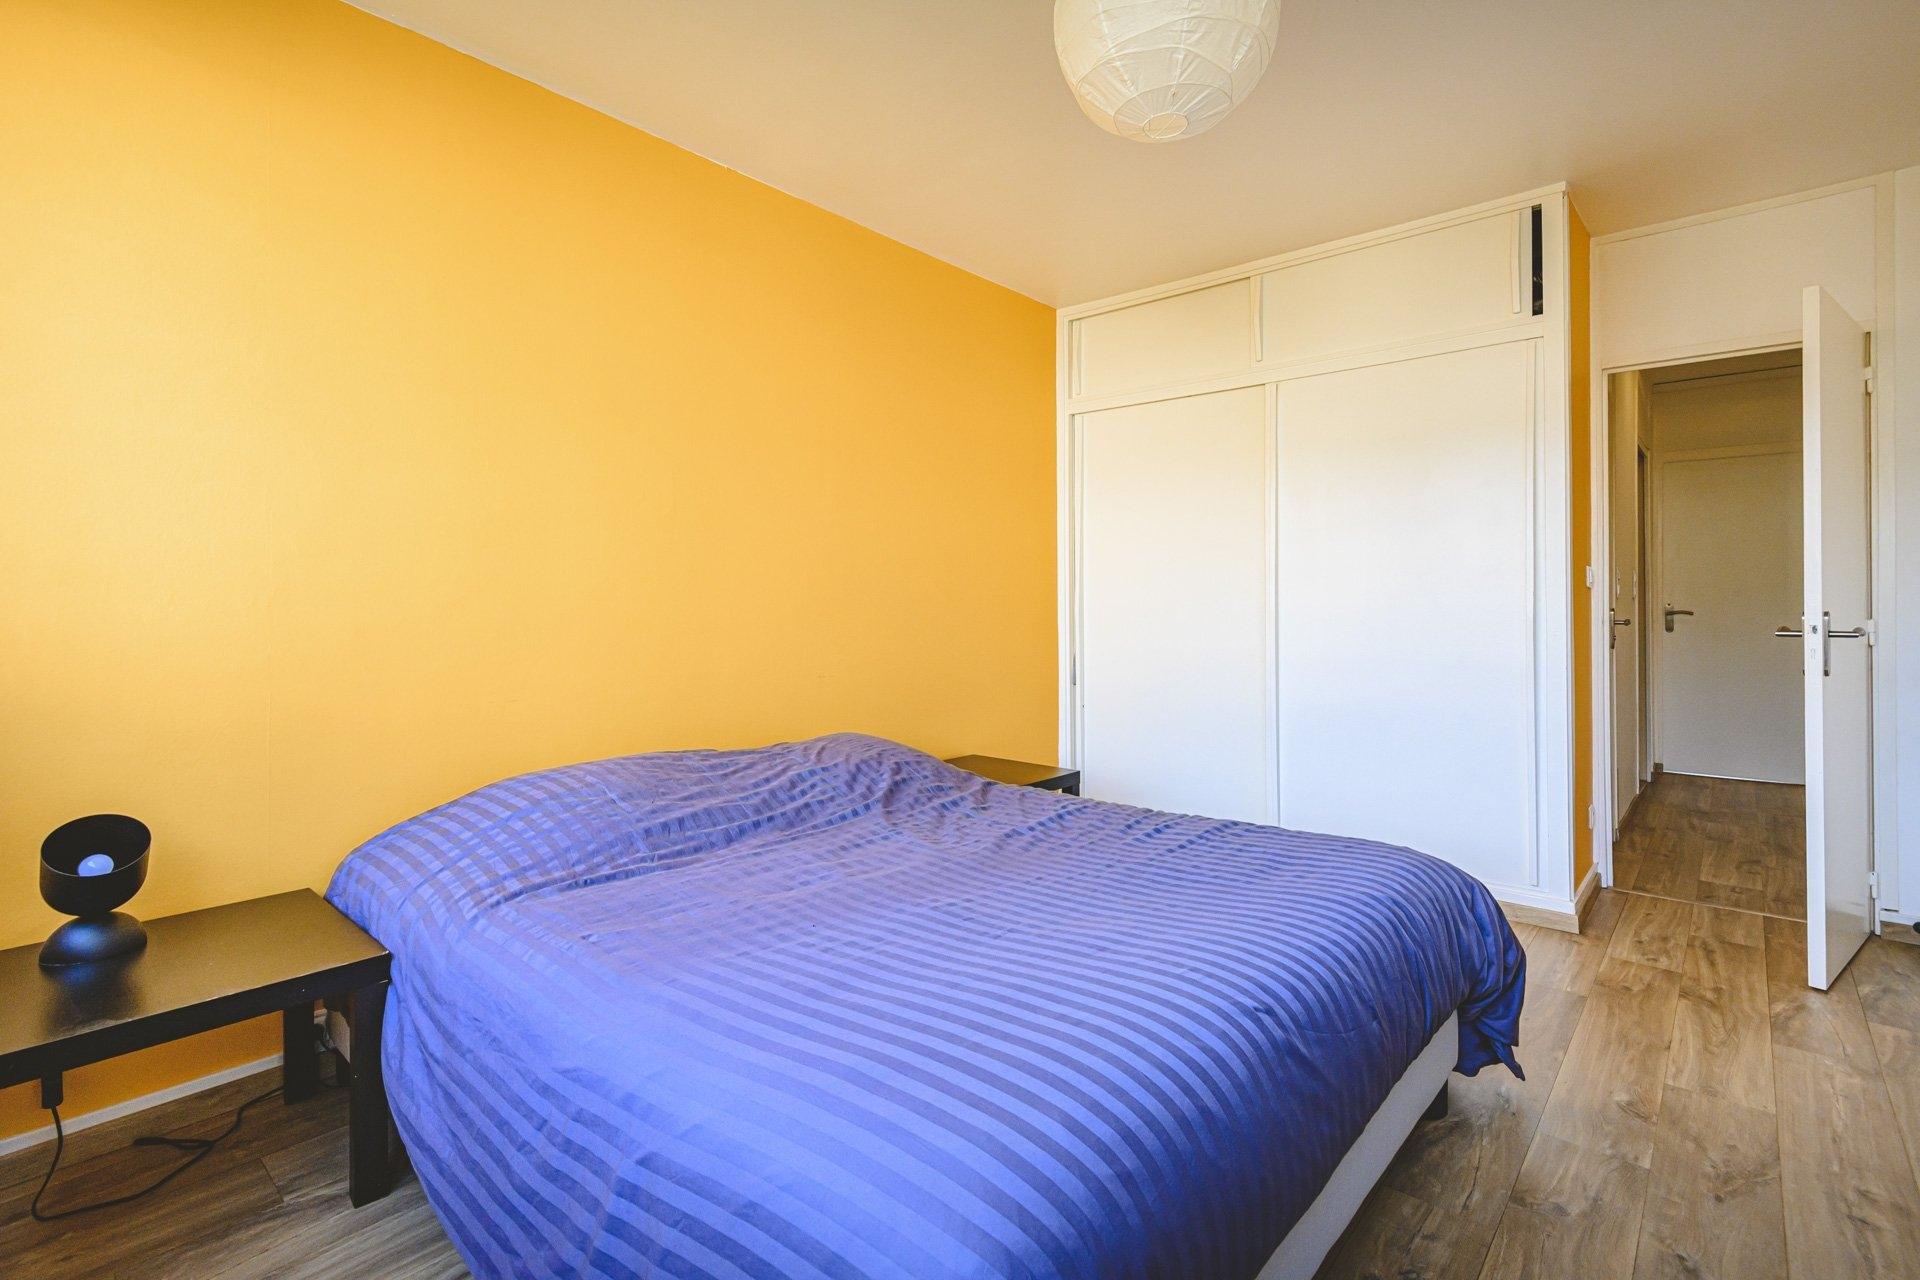 Appartement Reims 4 Pièces 80 m2 - 3